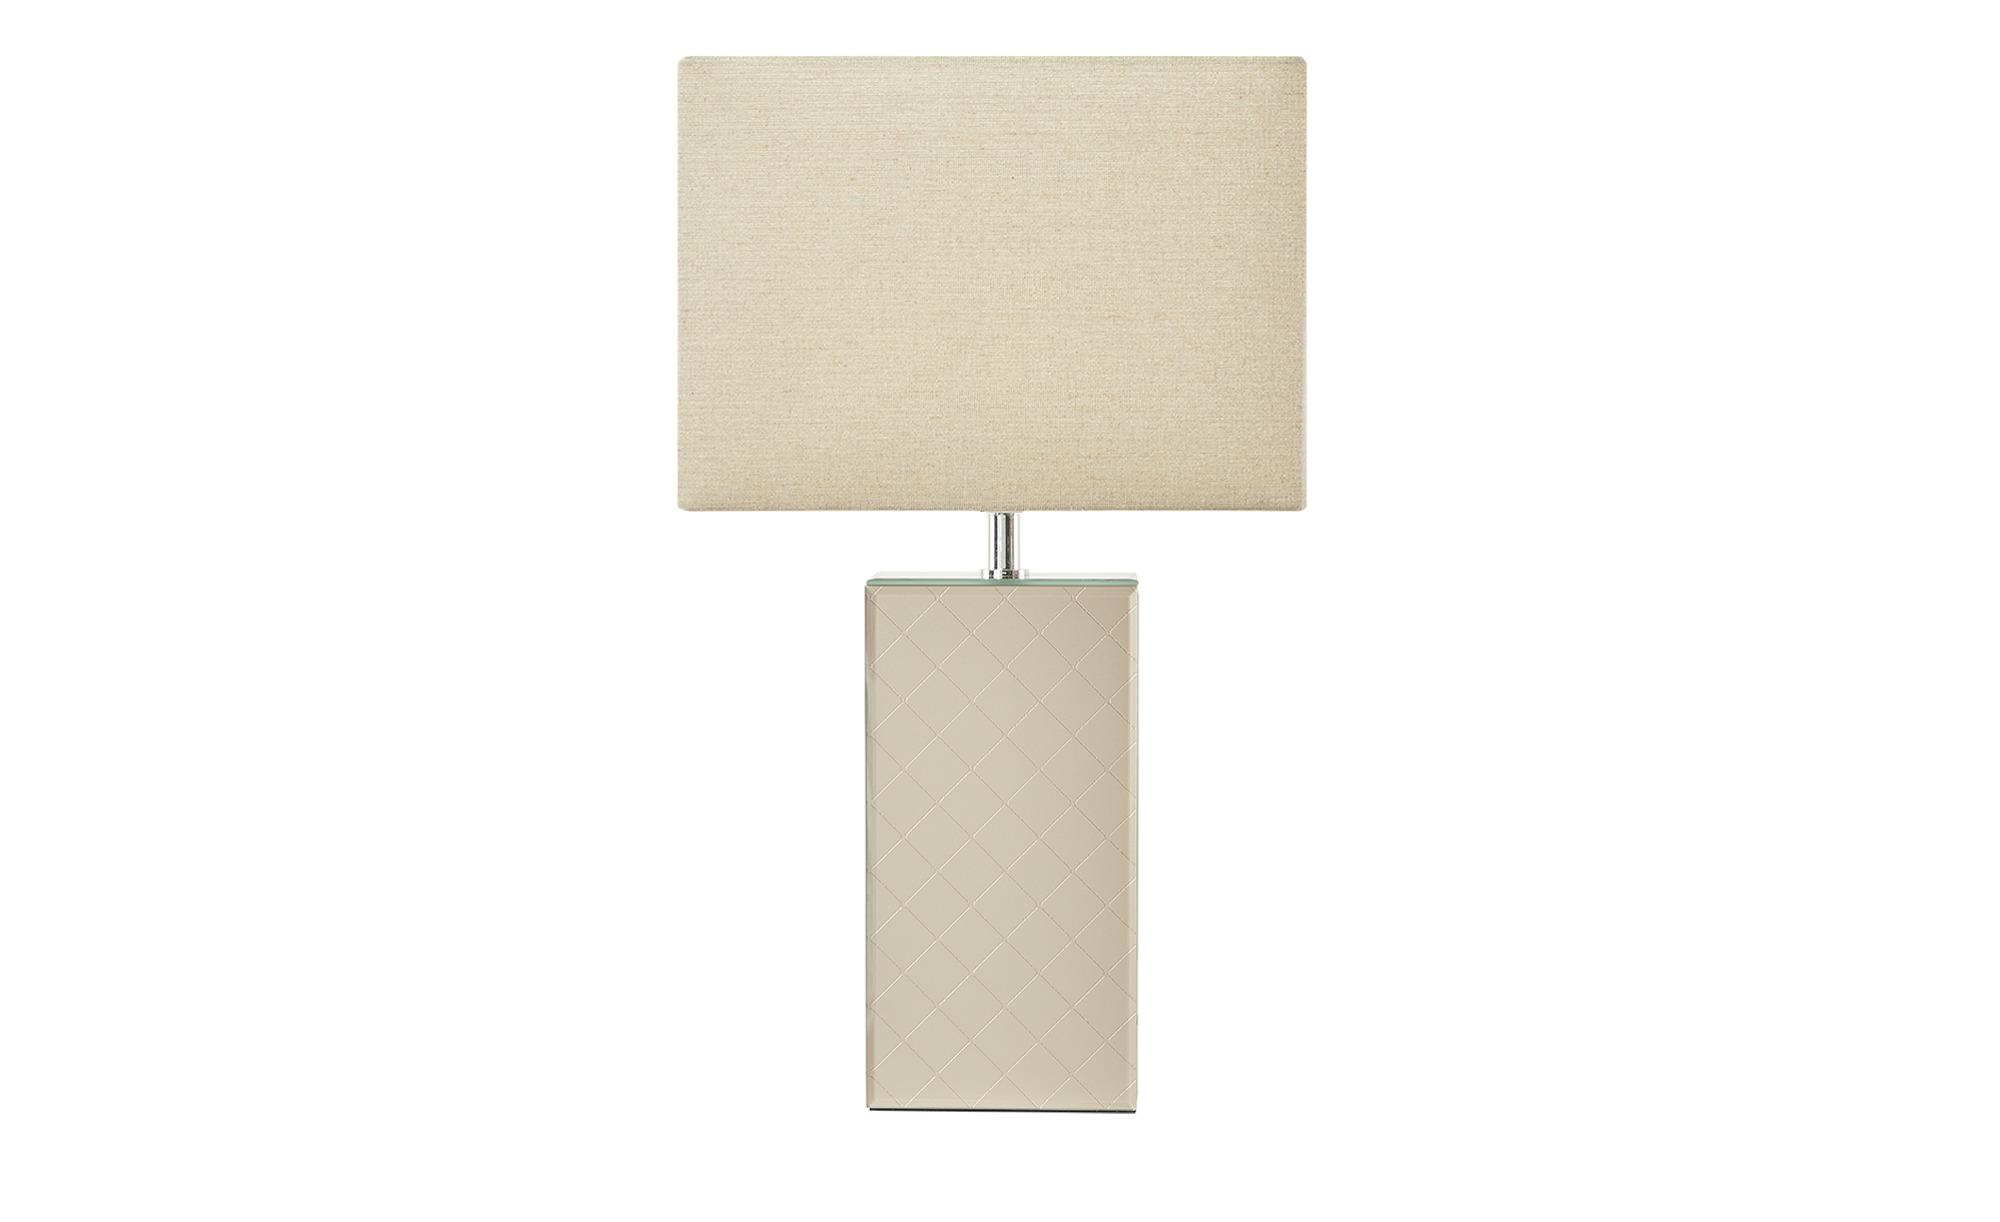 Fischer-Honsel Keramik-Tischleuchte, 1-flammig, verspiegelt groß ¦ beige ¦ Maße (cm): B: 13 H: 51 Lampen & Leuchten > Innenleuchten > Tischlampen - Höffner